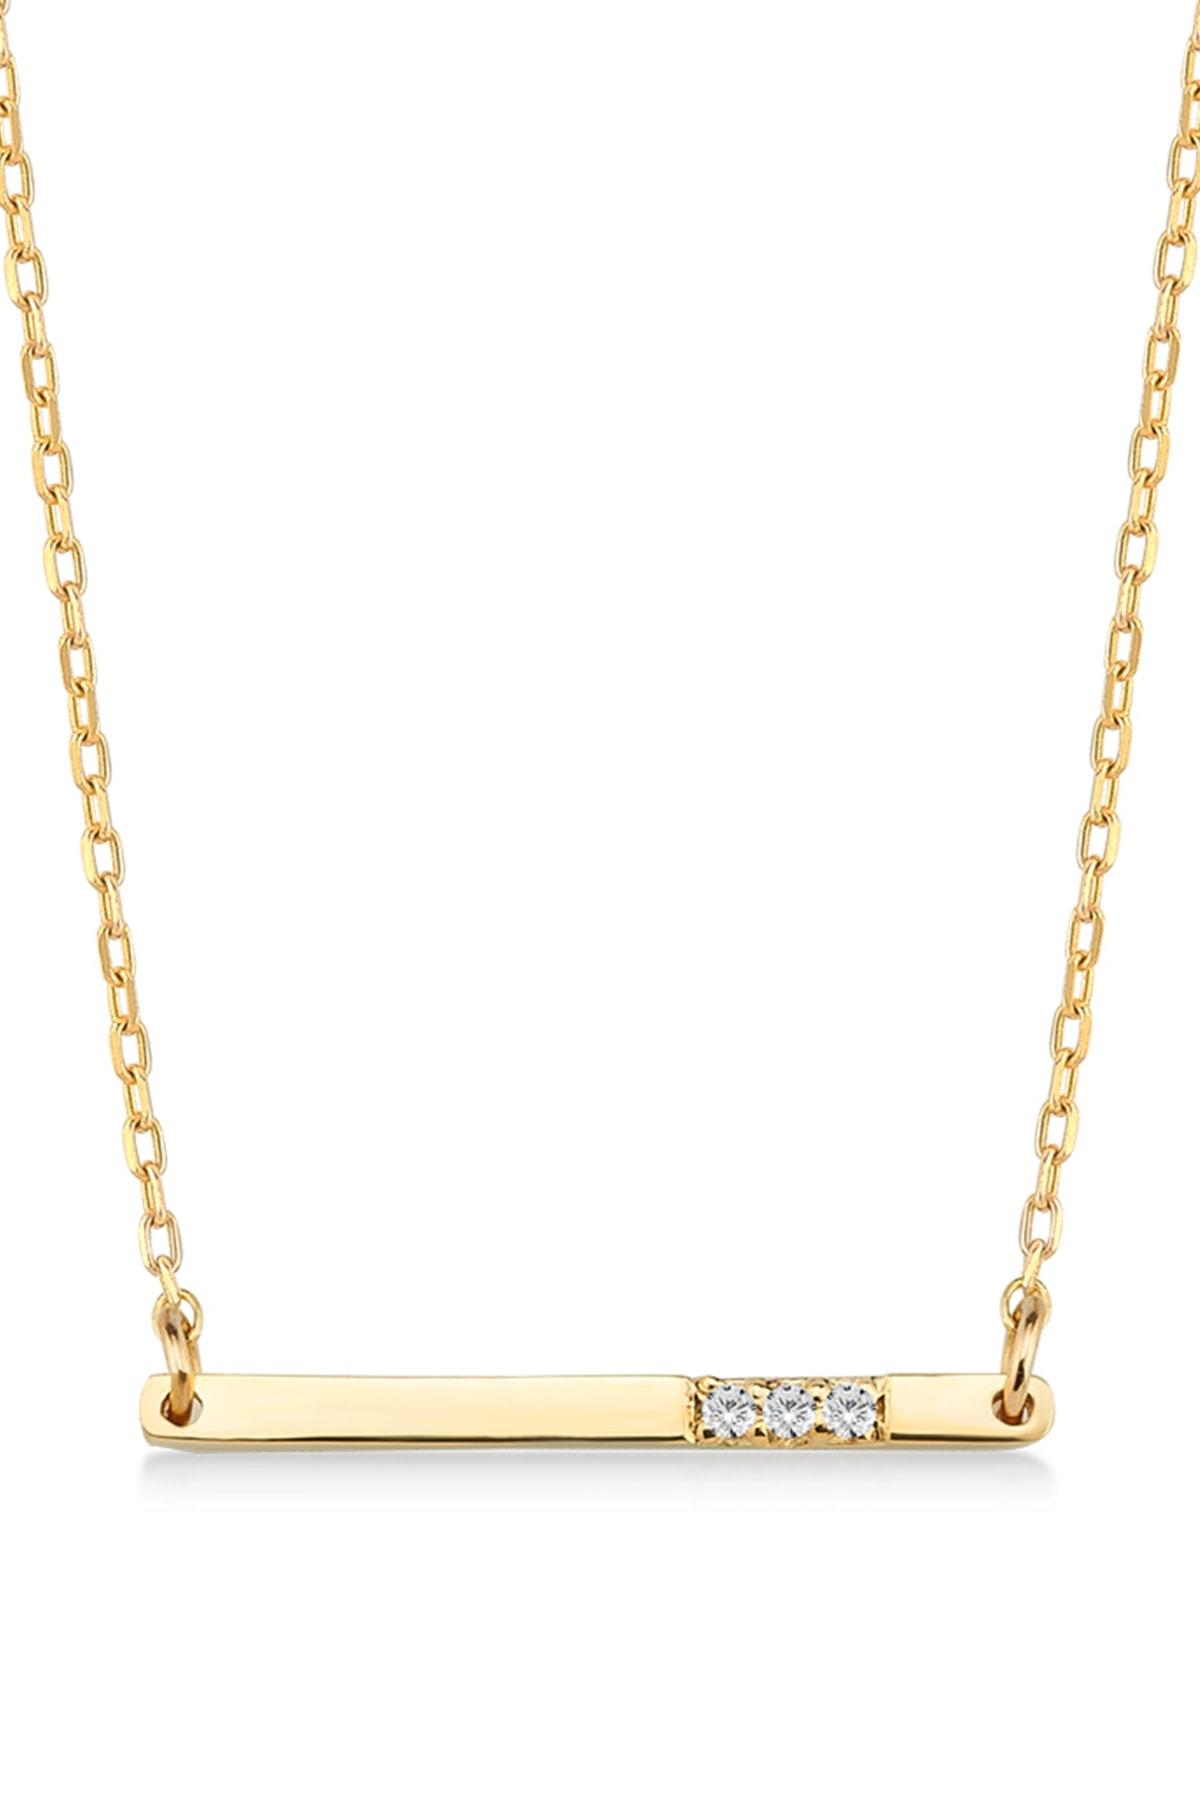 Gelin Pırlanta Kadın Altın  Diamond Pırlantalı Bar Kolye 14 Ayar 1